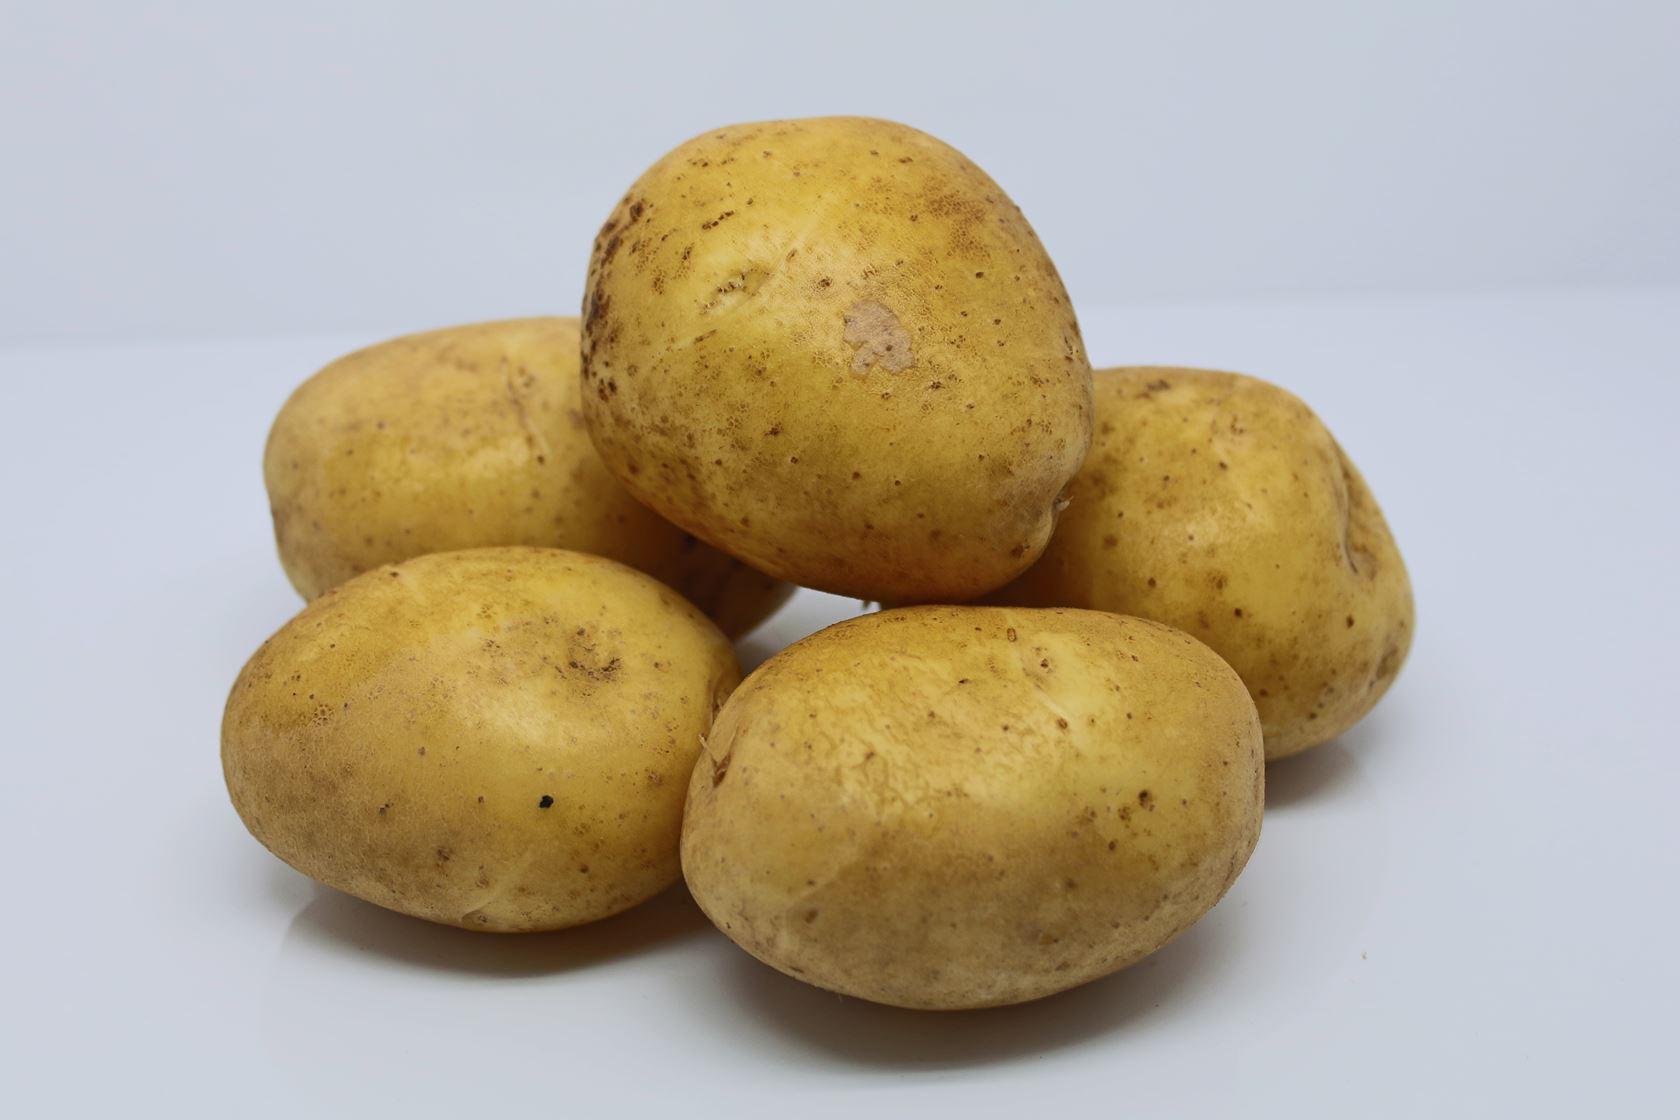 Pootaardappel-Agria-zakje-1-5kg-28-35-Frankrijk-